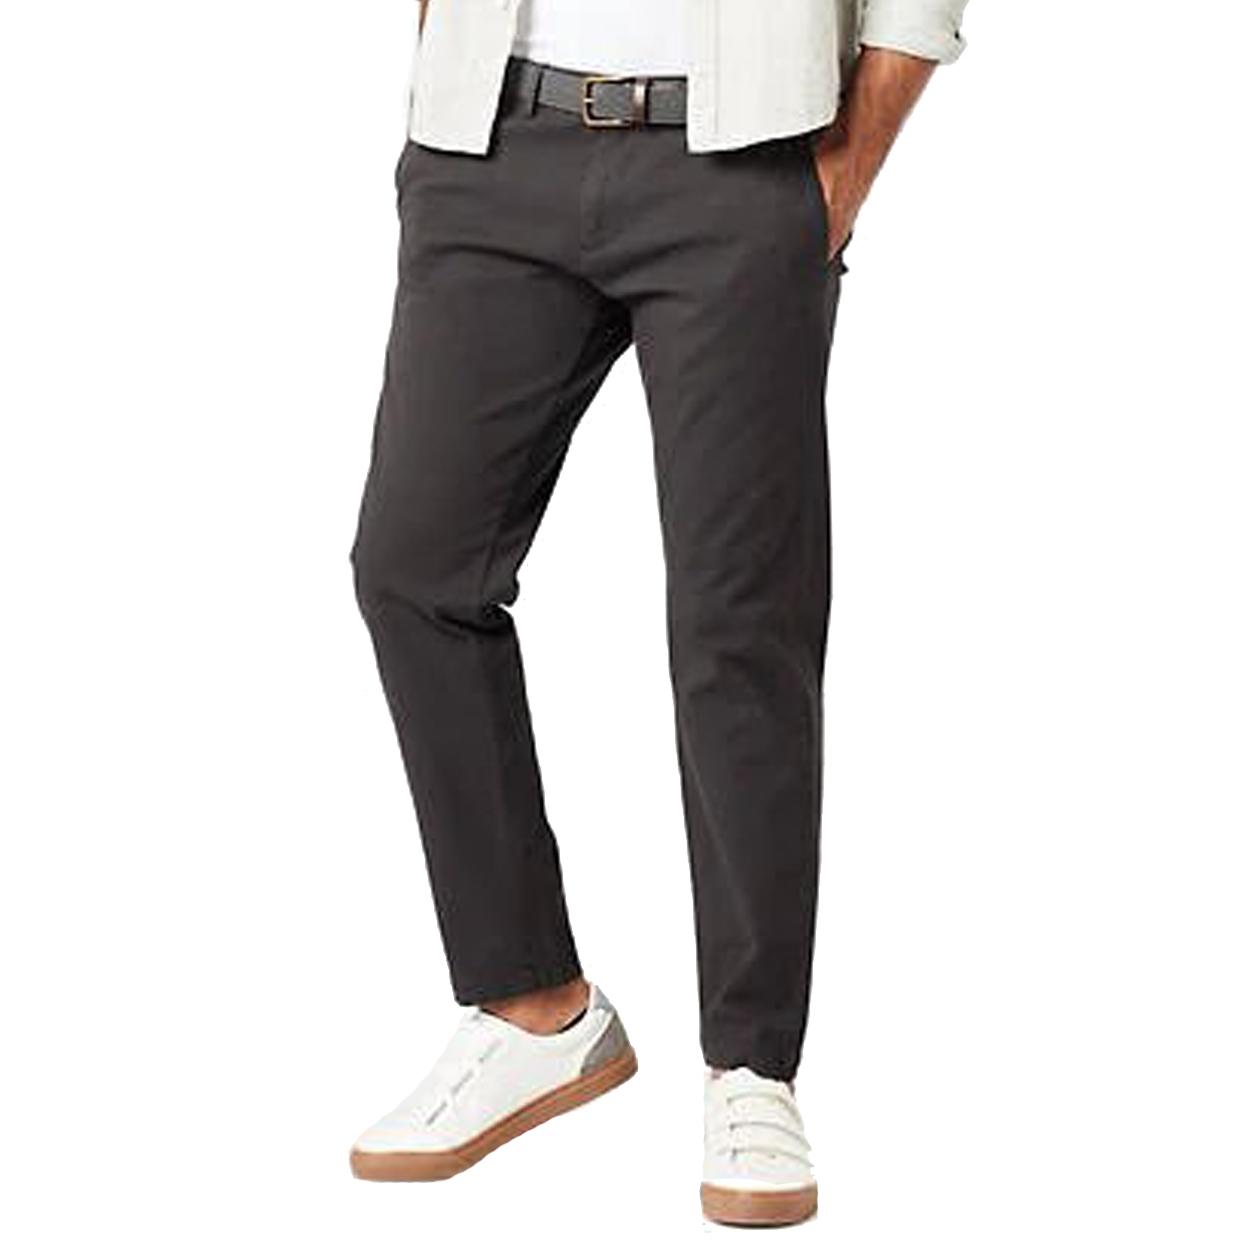 Pantalon chino  en coton stretch gris acier